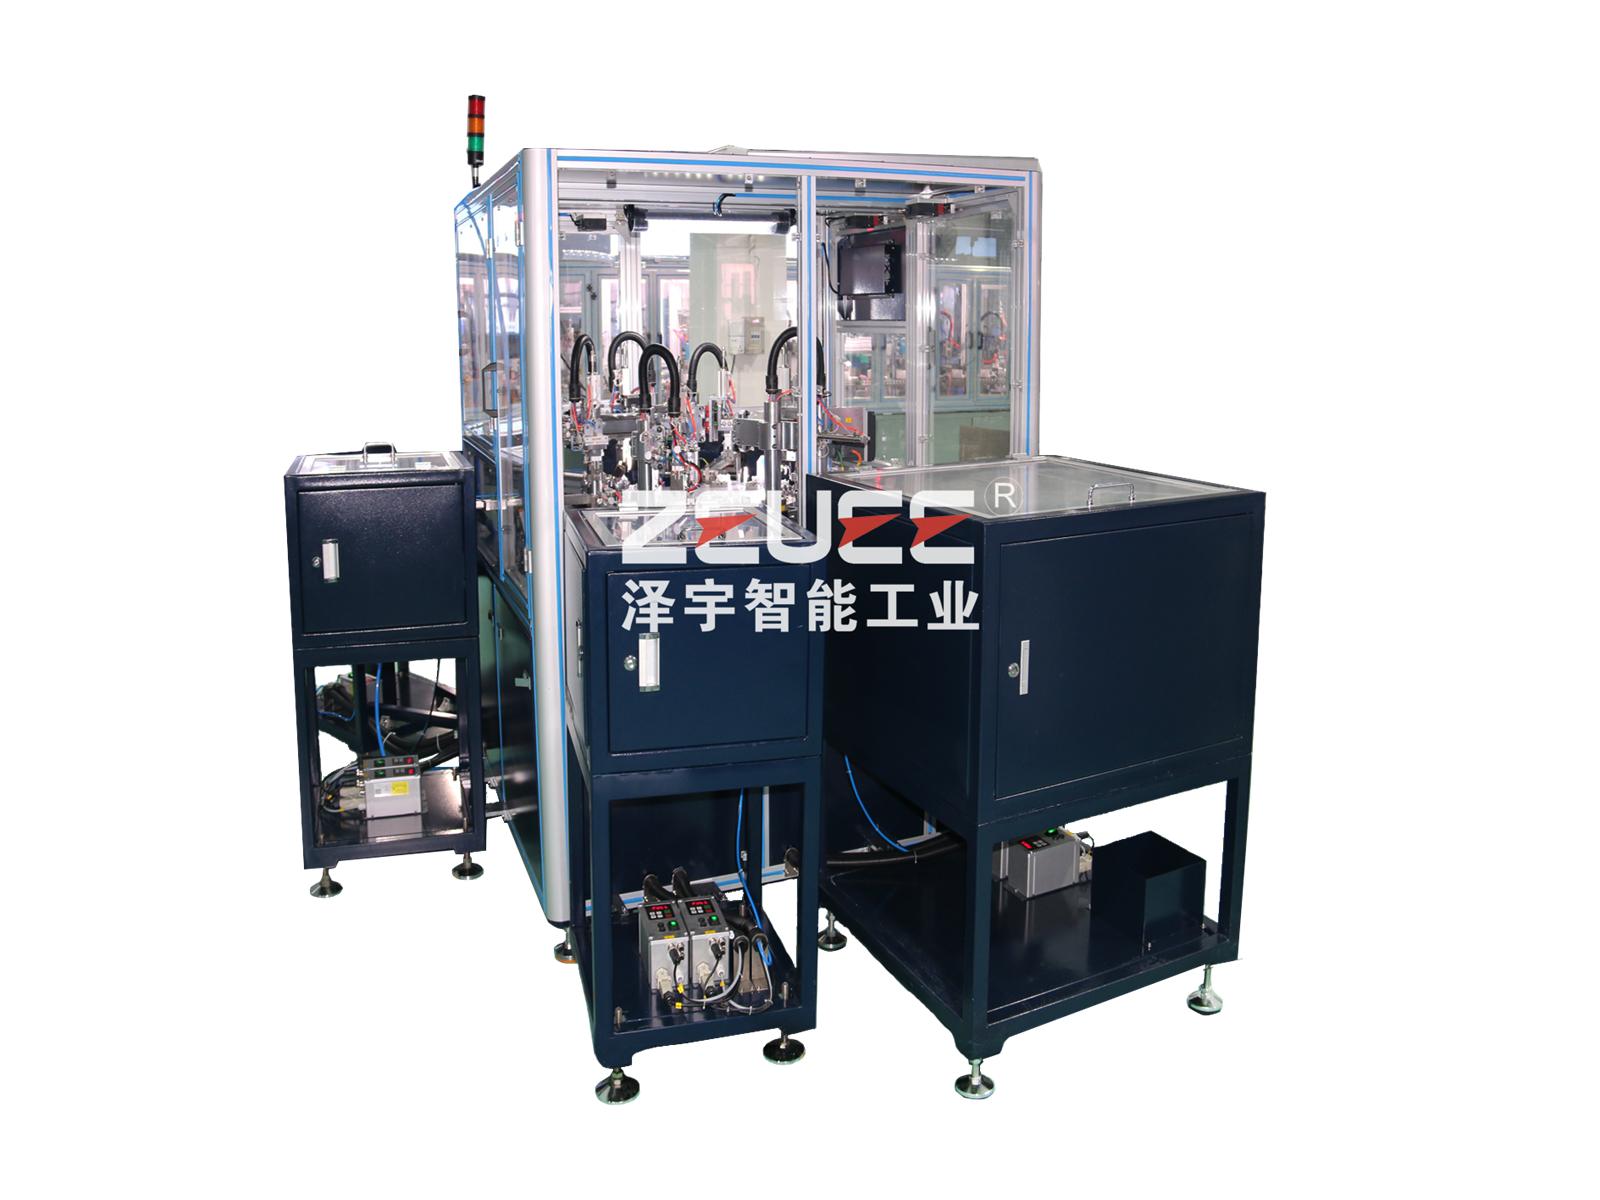 Shutter gear box automatic assembly machine